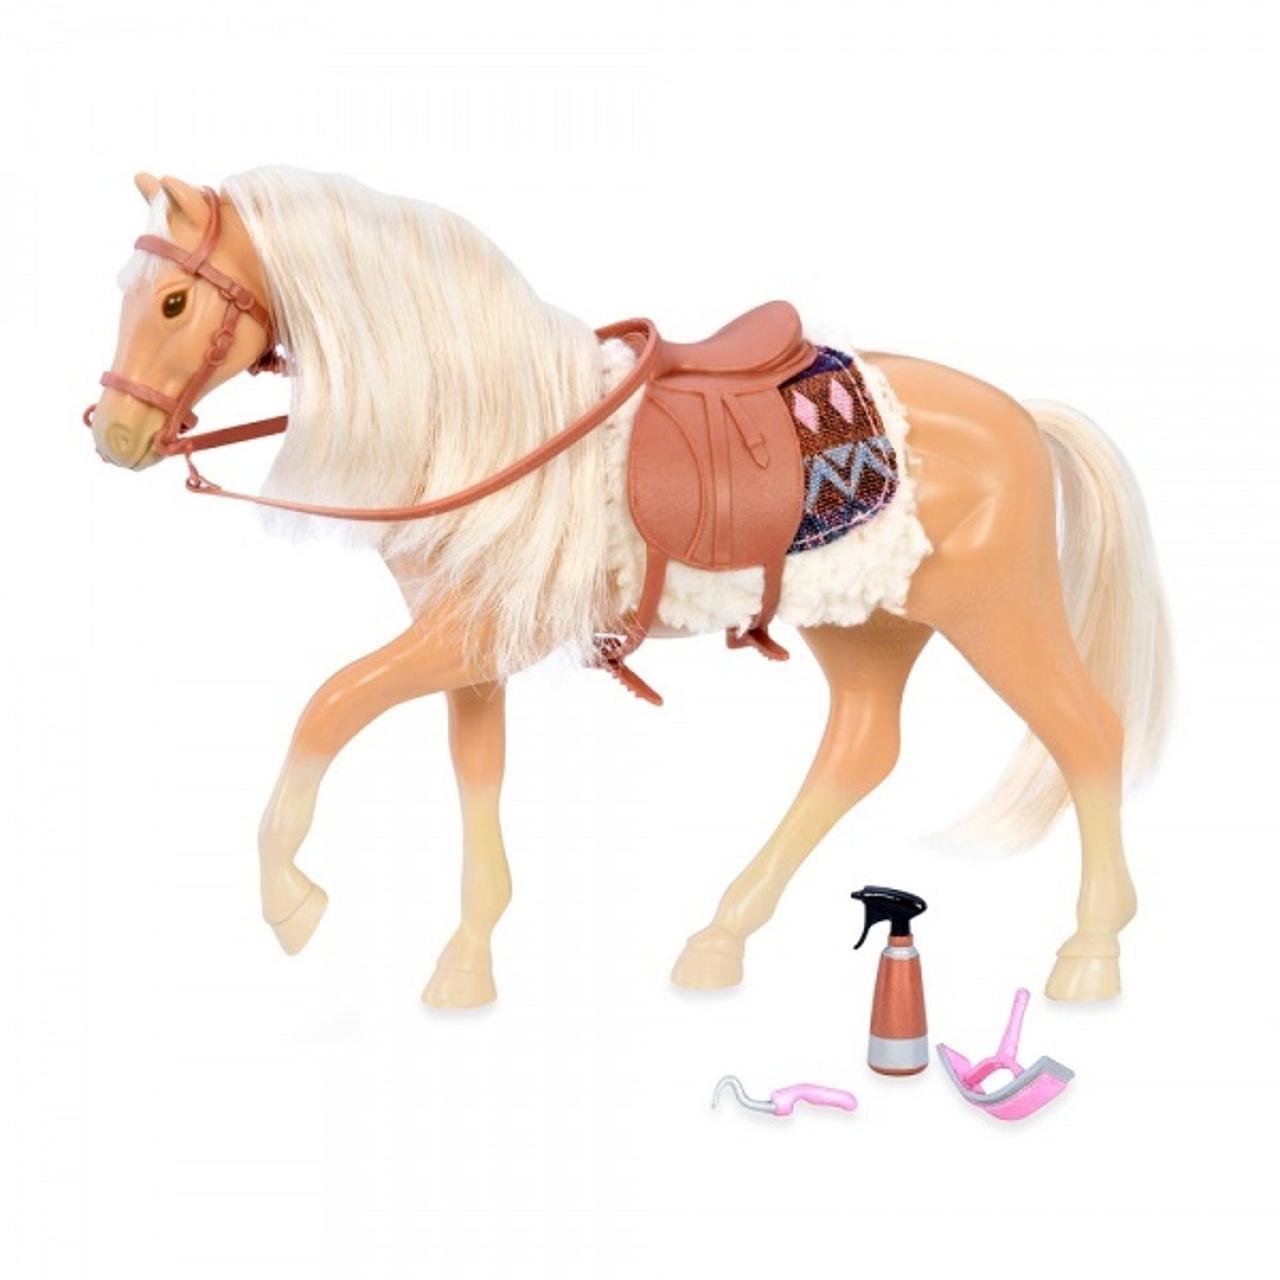 Lori Игрушечная лошадь Американский скакун